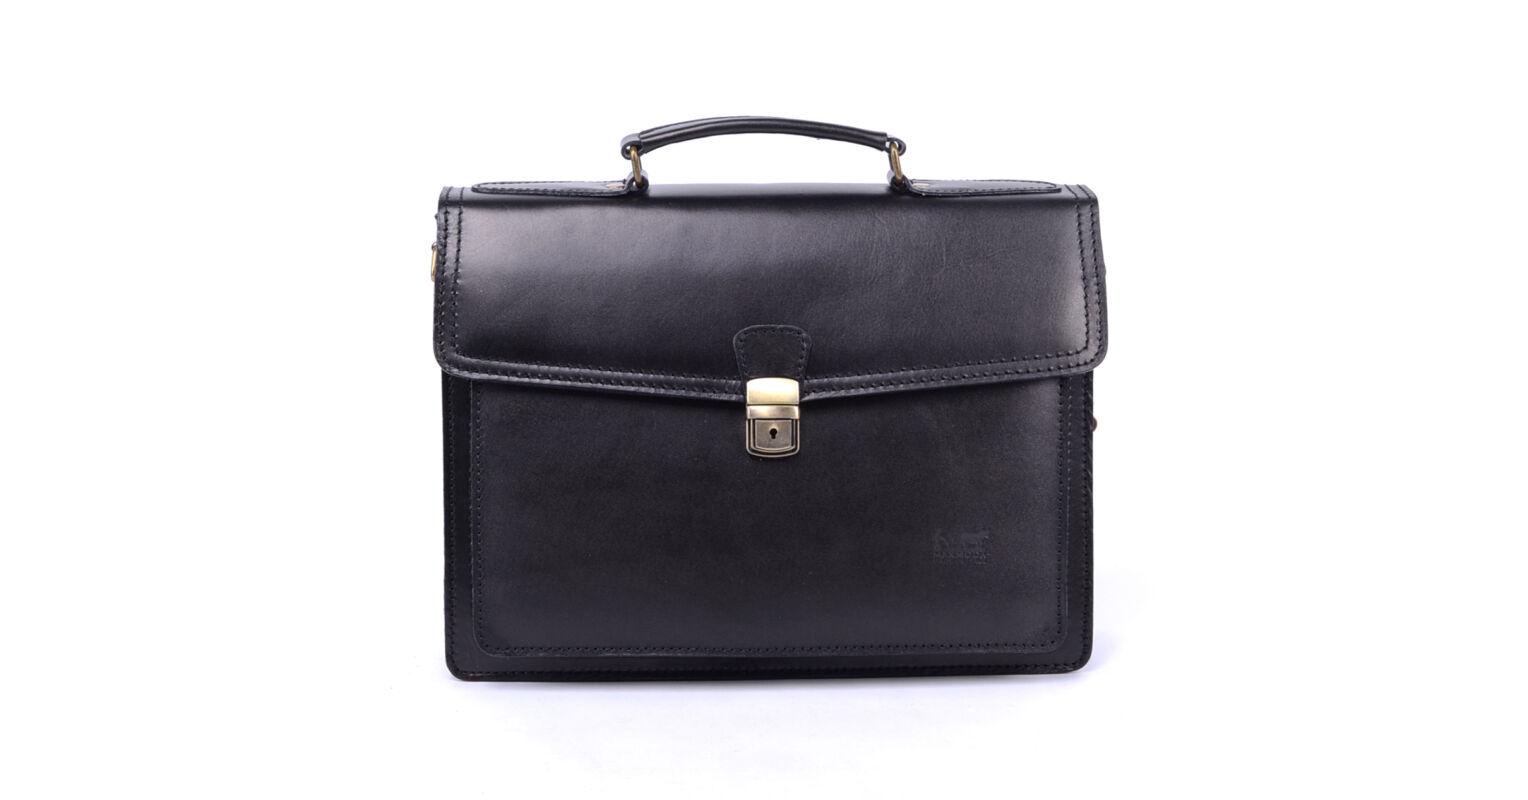 1fde38c48e22 Maxmoda Női Fekete Valódi Bőr Aktatáska - női - Táska webáruház - Minőségi  táskák mindenkinek